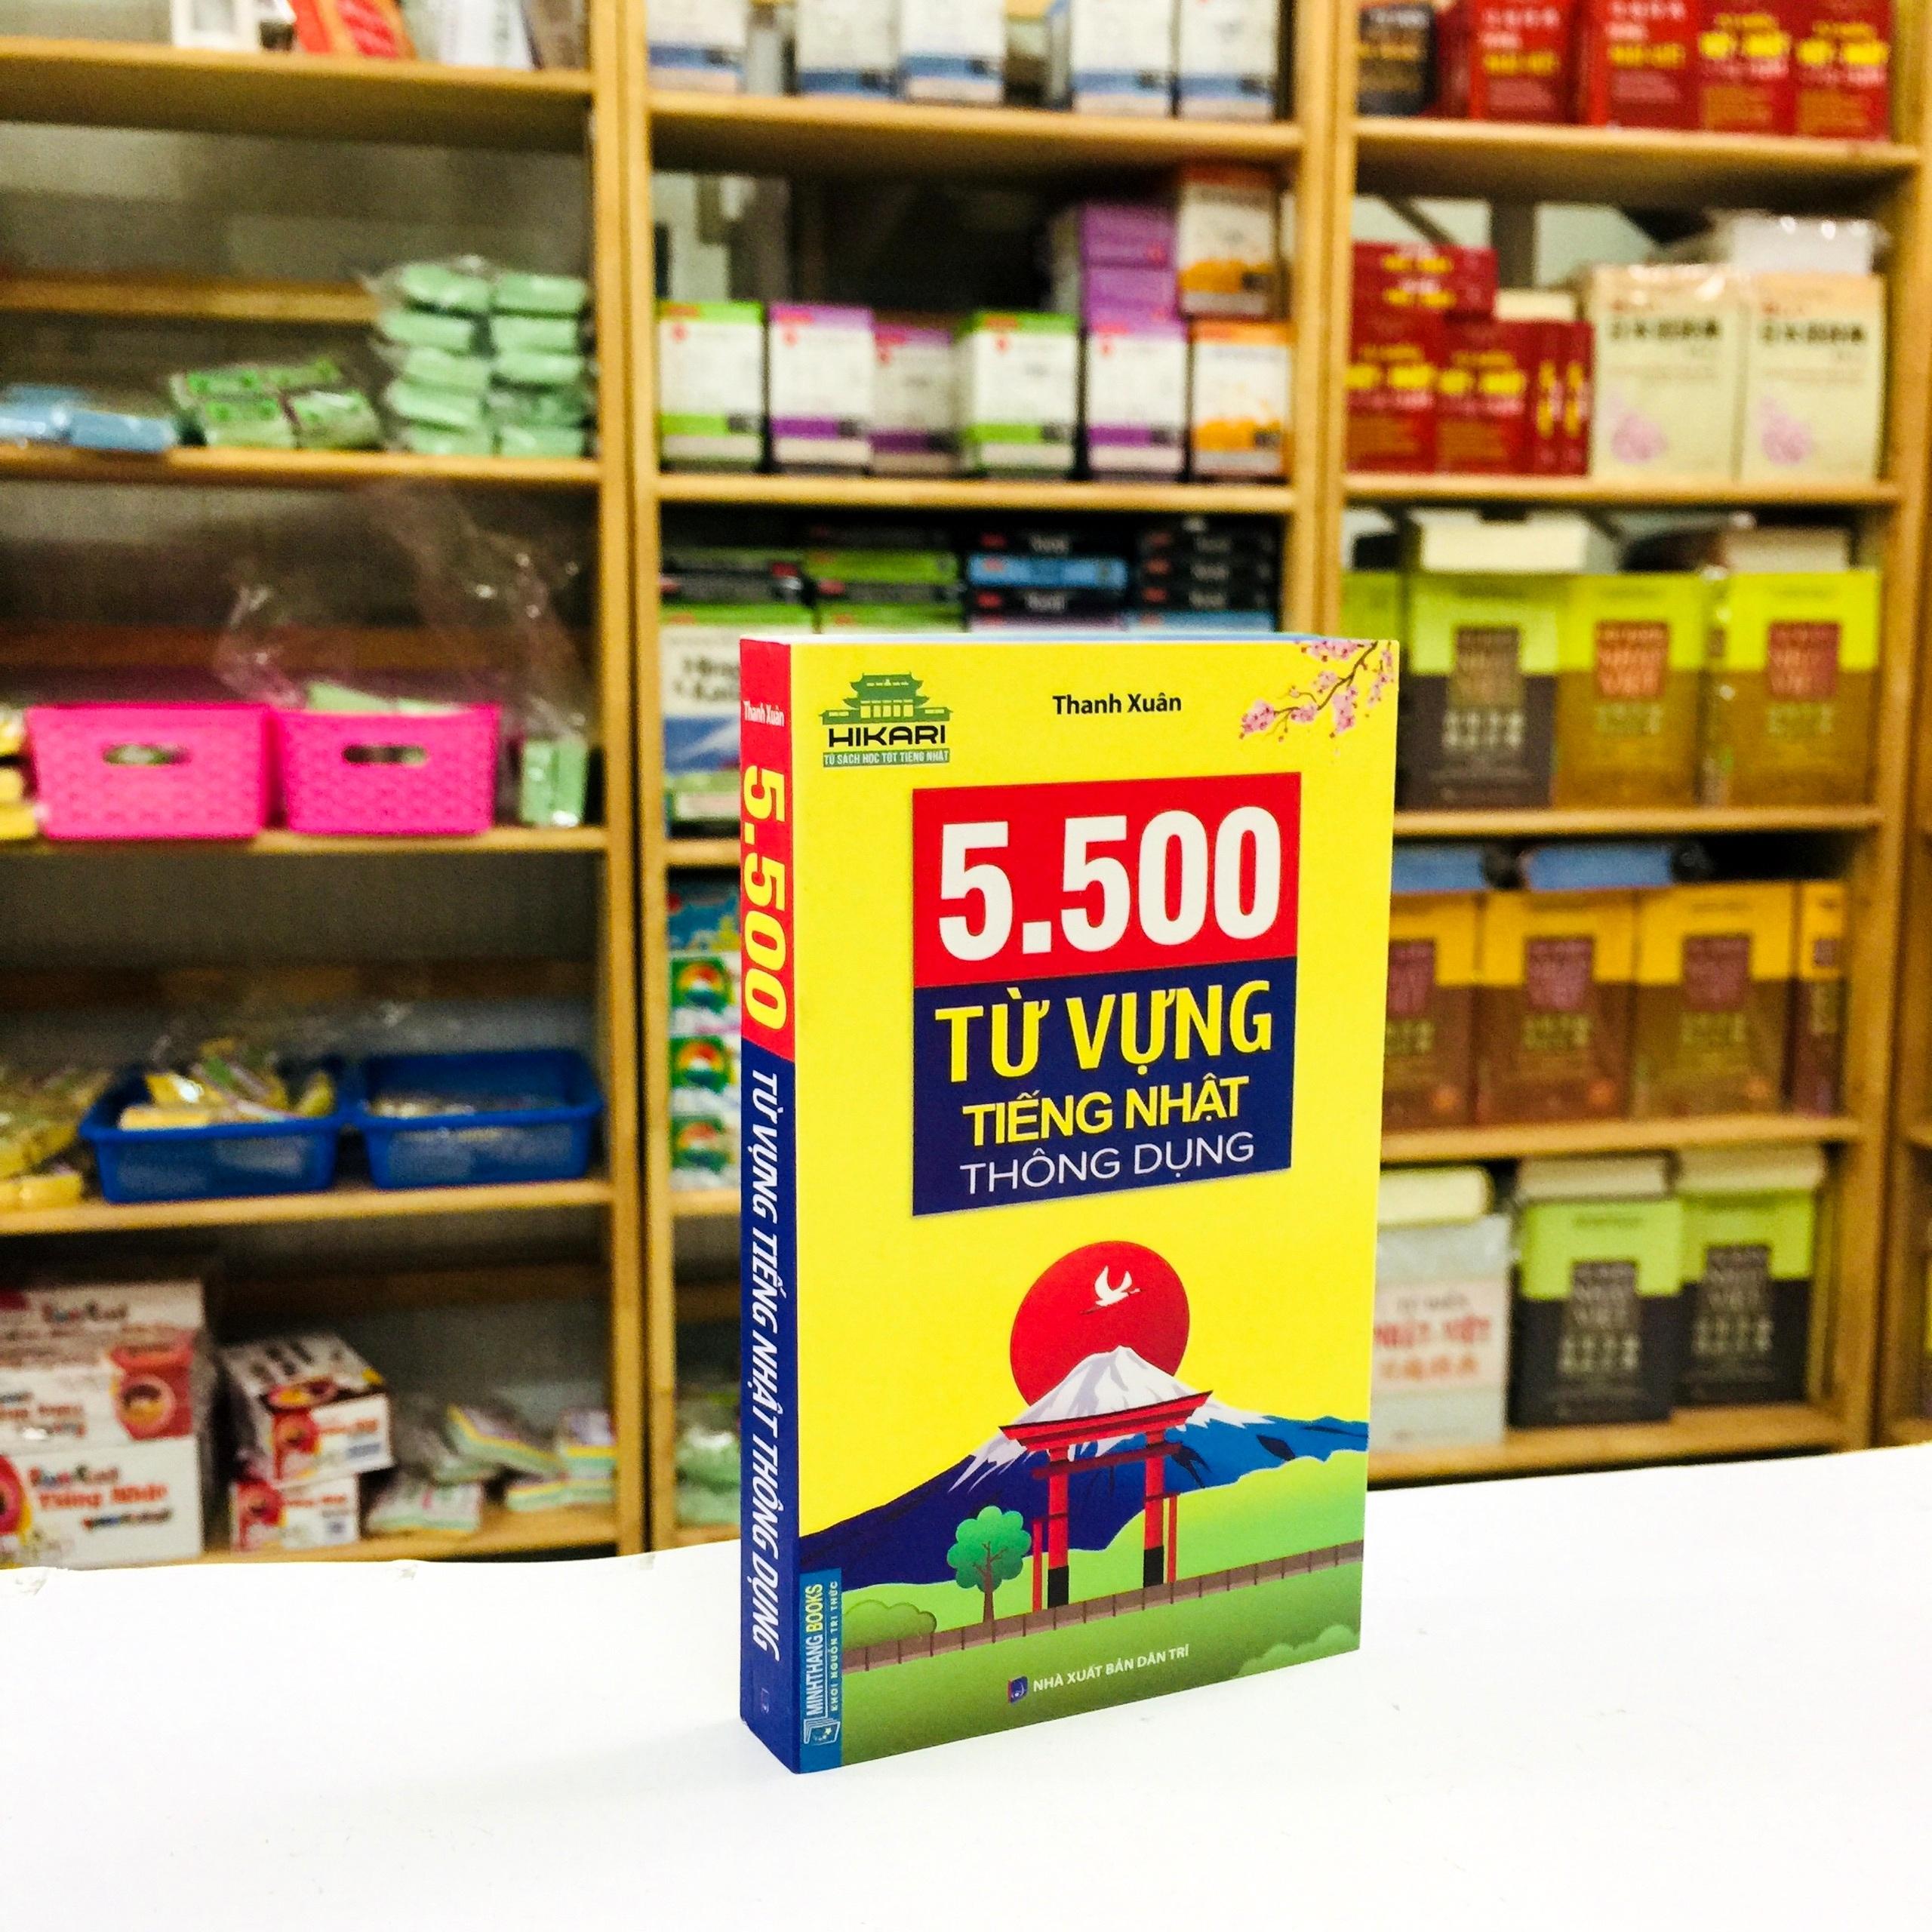 Sách Học Tiếng Nhật 5500 Từ Vựng Tiếng Nhật Thông Dụng (Có Tiếng Việt)